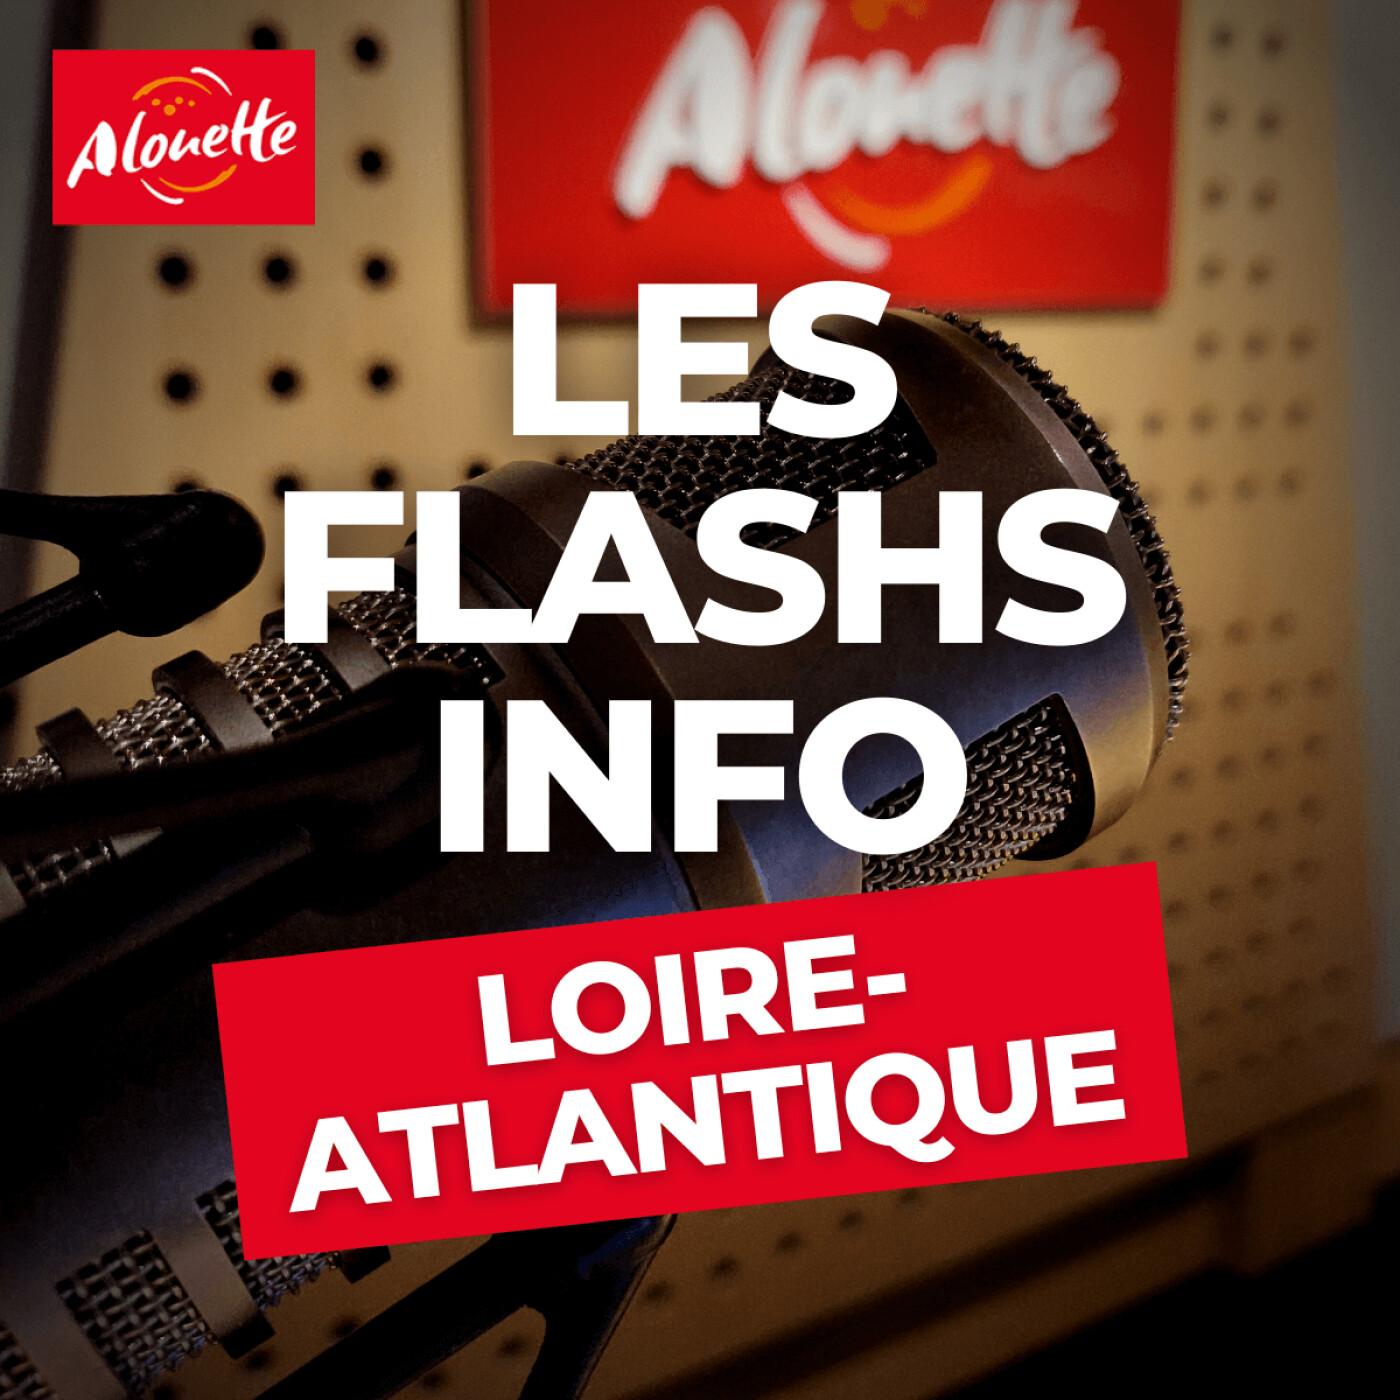 Alouette - Les Infos du 21 Septembre 11h00 en Loire-Atlantique.